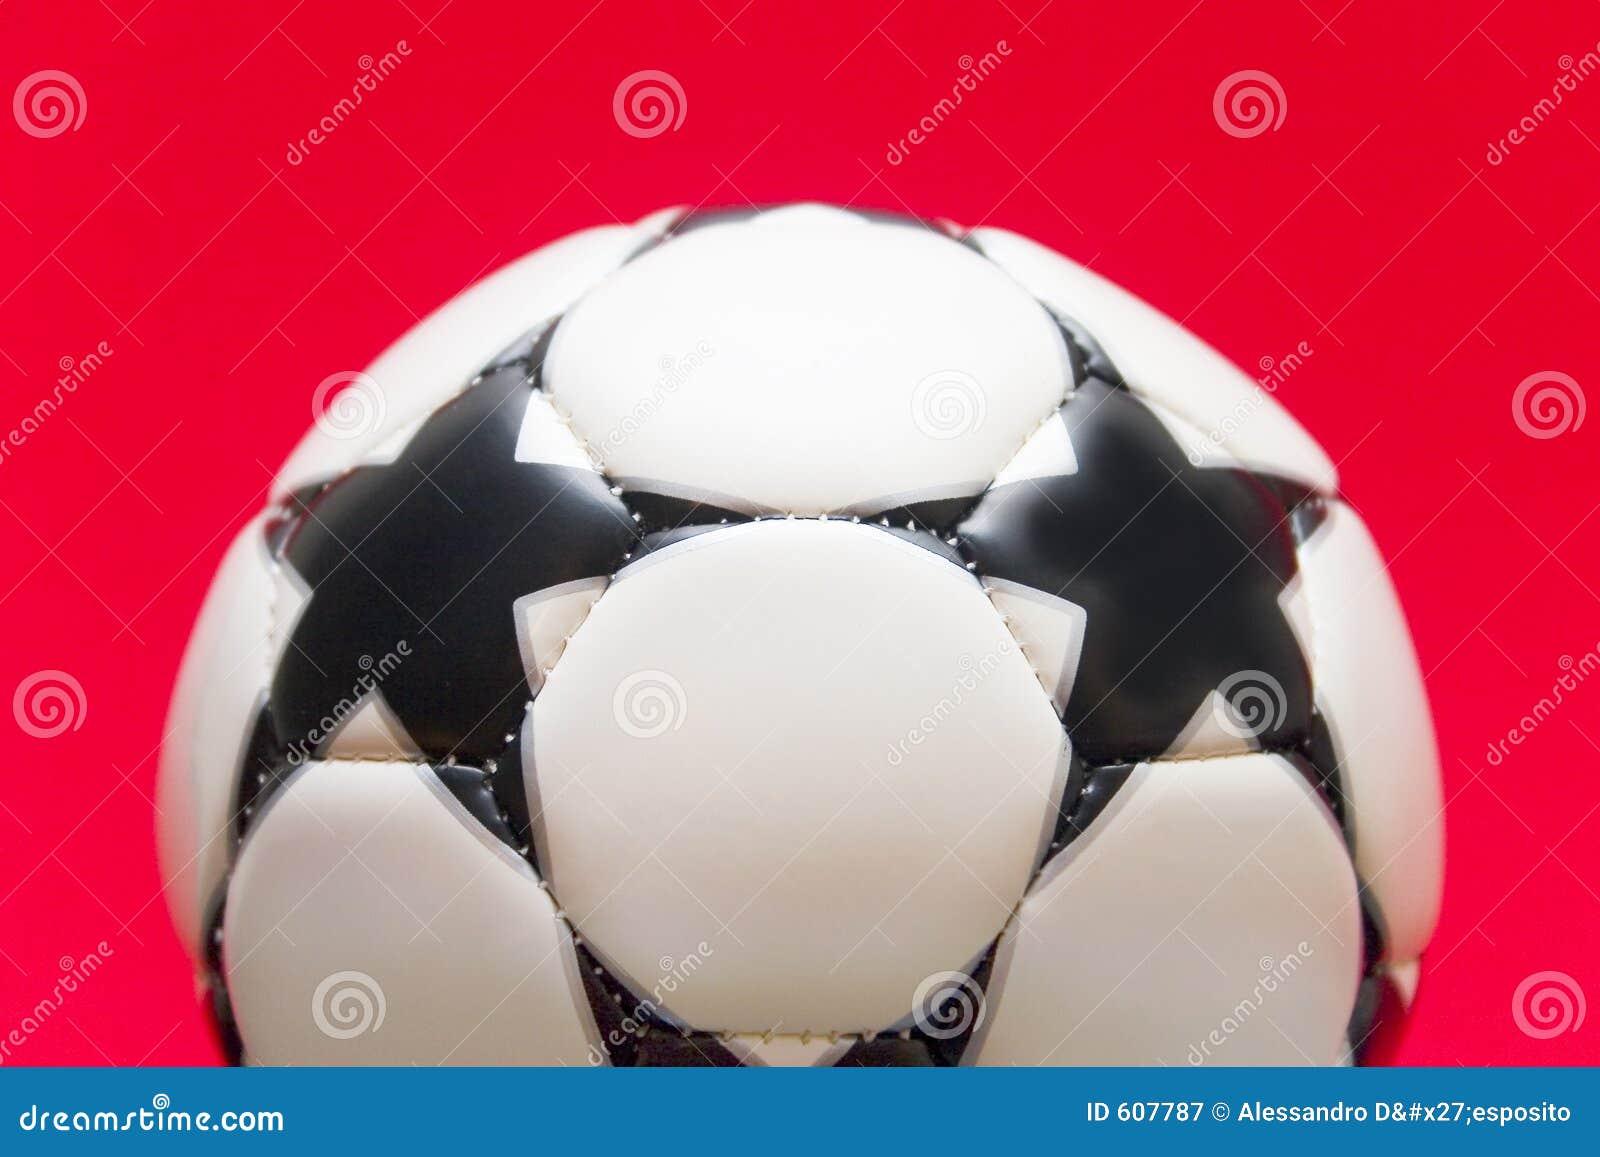 Witte voetbalbal op een rode achtergrond